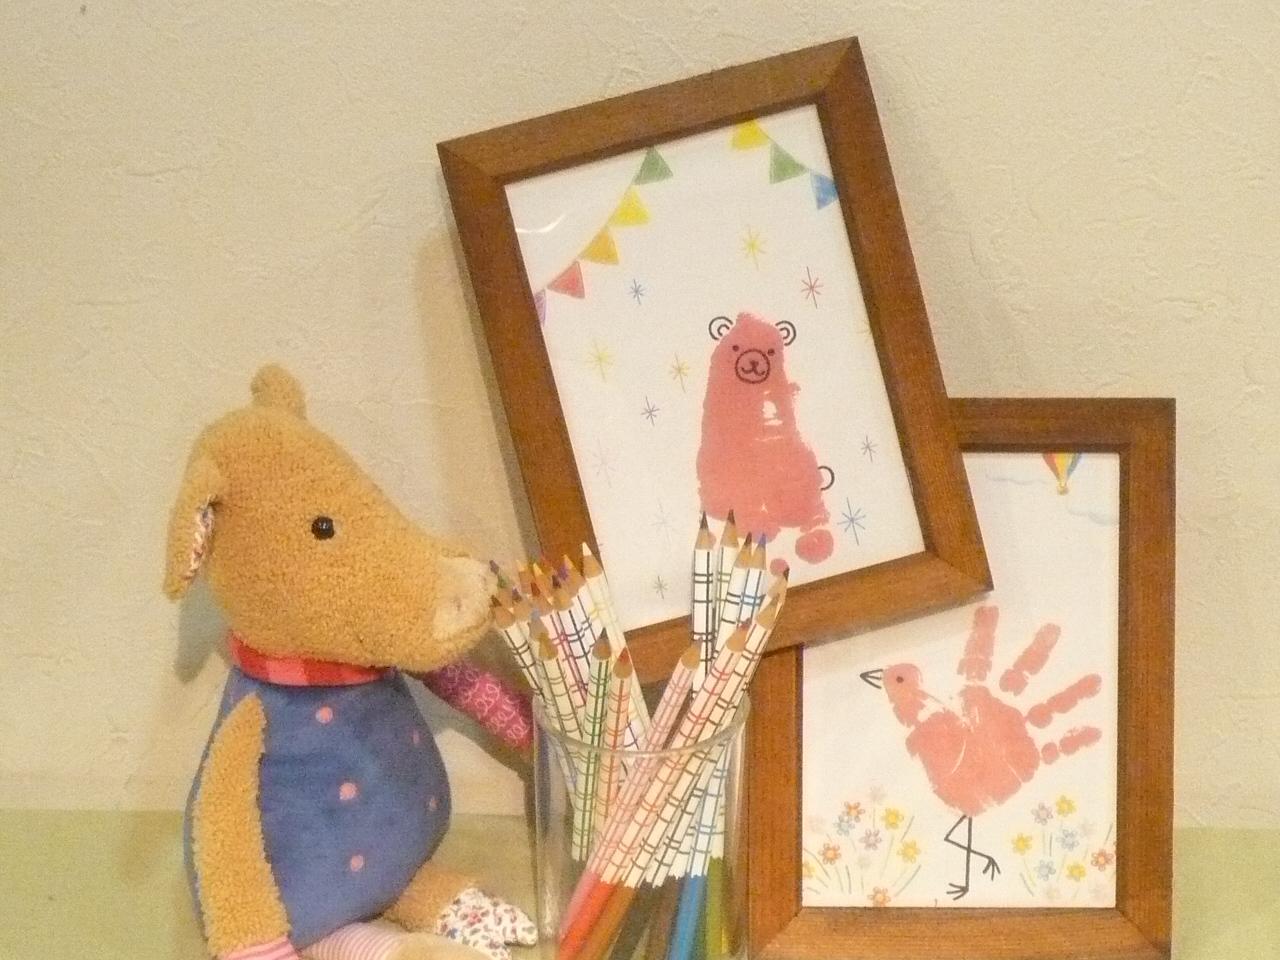 【イベント】毎日開催!『親子で楽しむ手形スタンプ』